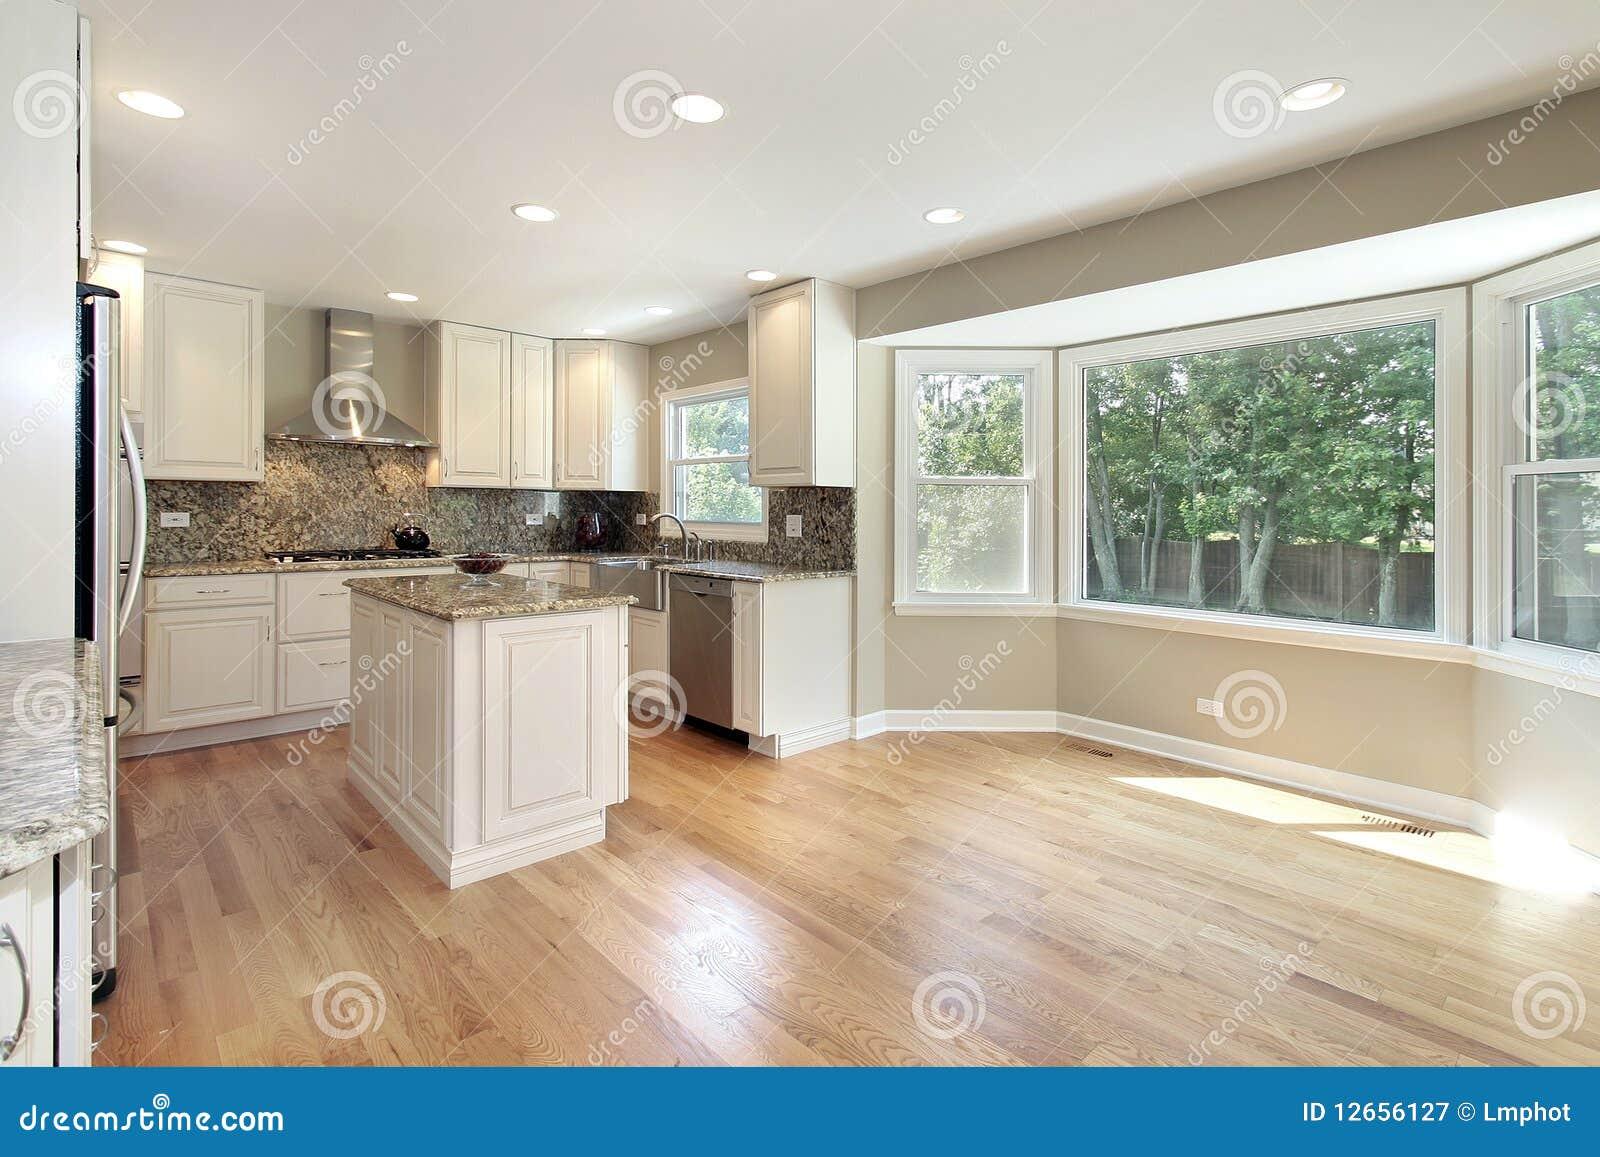 Cucina con la grande finestra panoramica immagine stock - Cucina con finestra ...